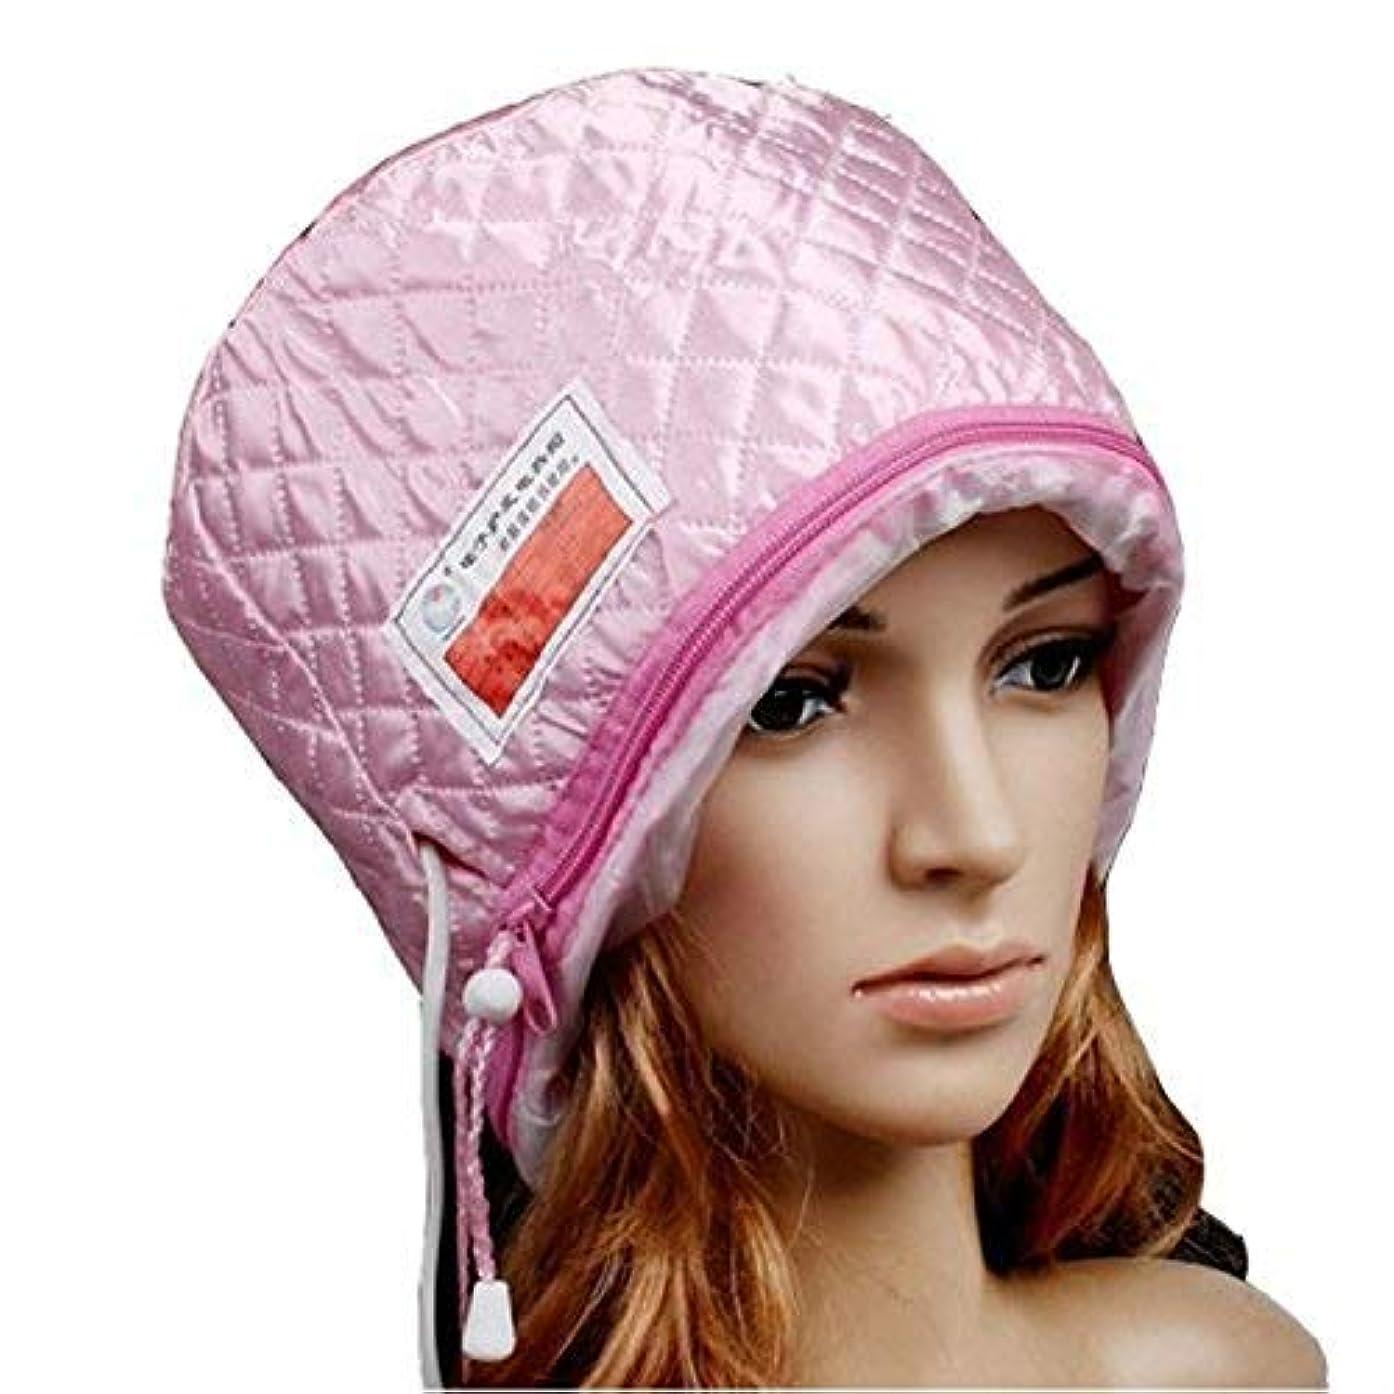 探すどっち本物のセキュリティファッションヘアケアヘアメンブレンキャップ電気加熱キャップ美容スチーマー栄養帽子